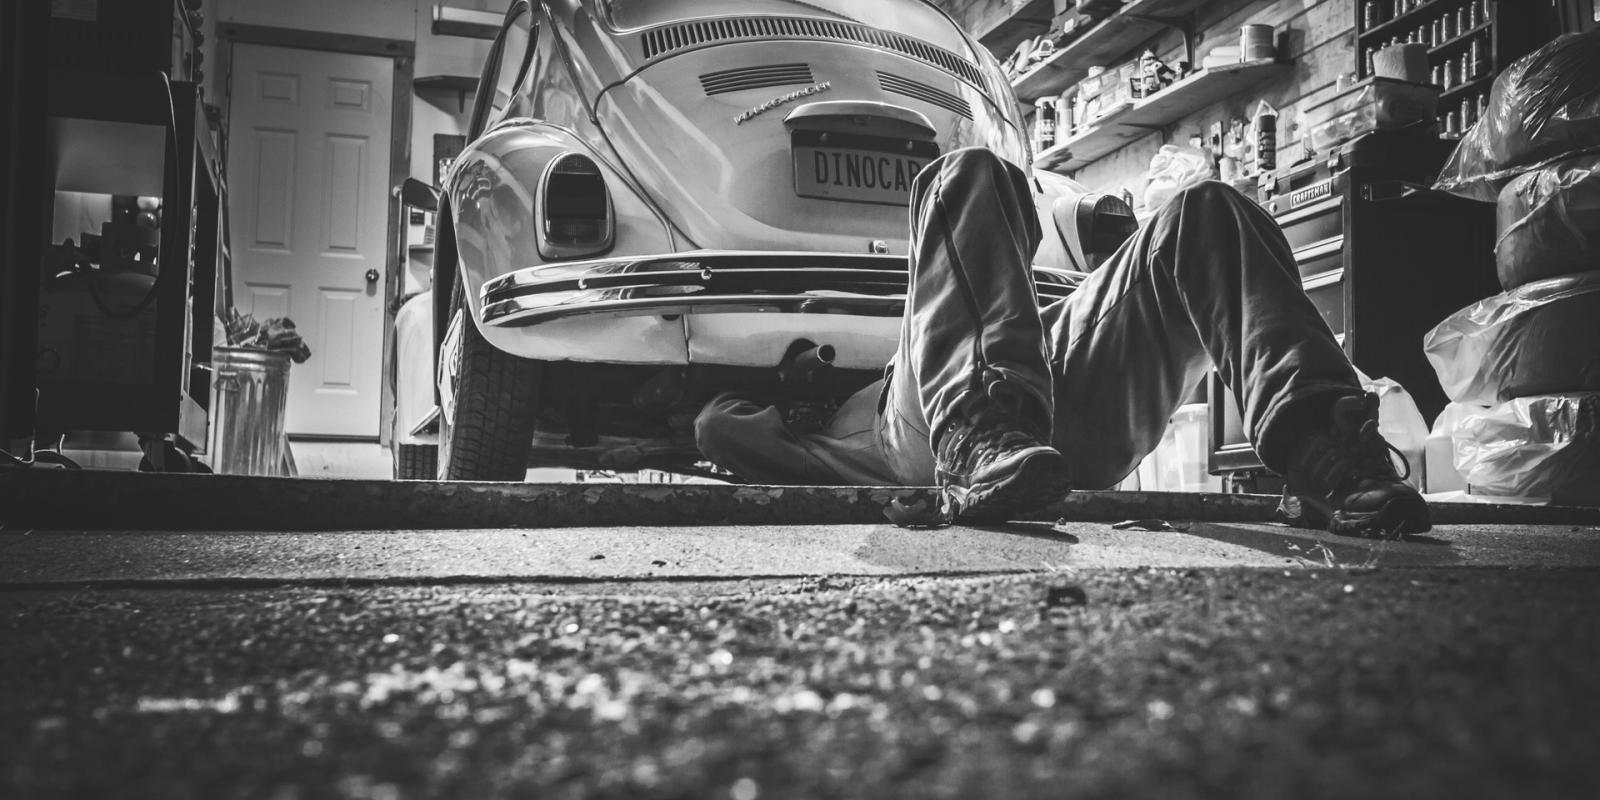 Vroomly, la startup qui révise l'entretien automobile